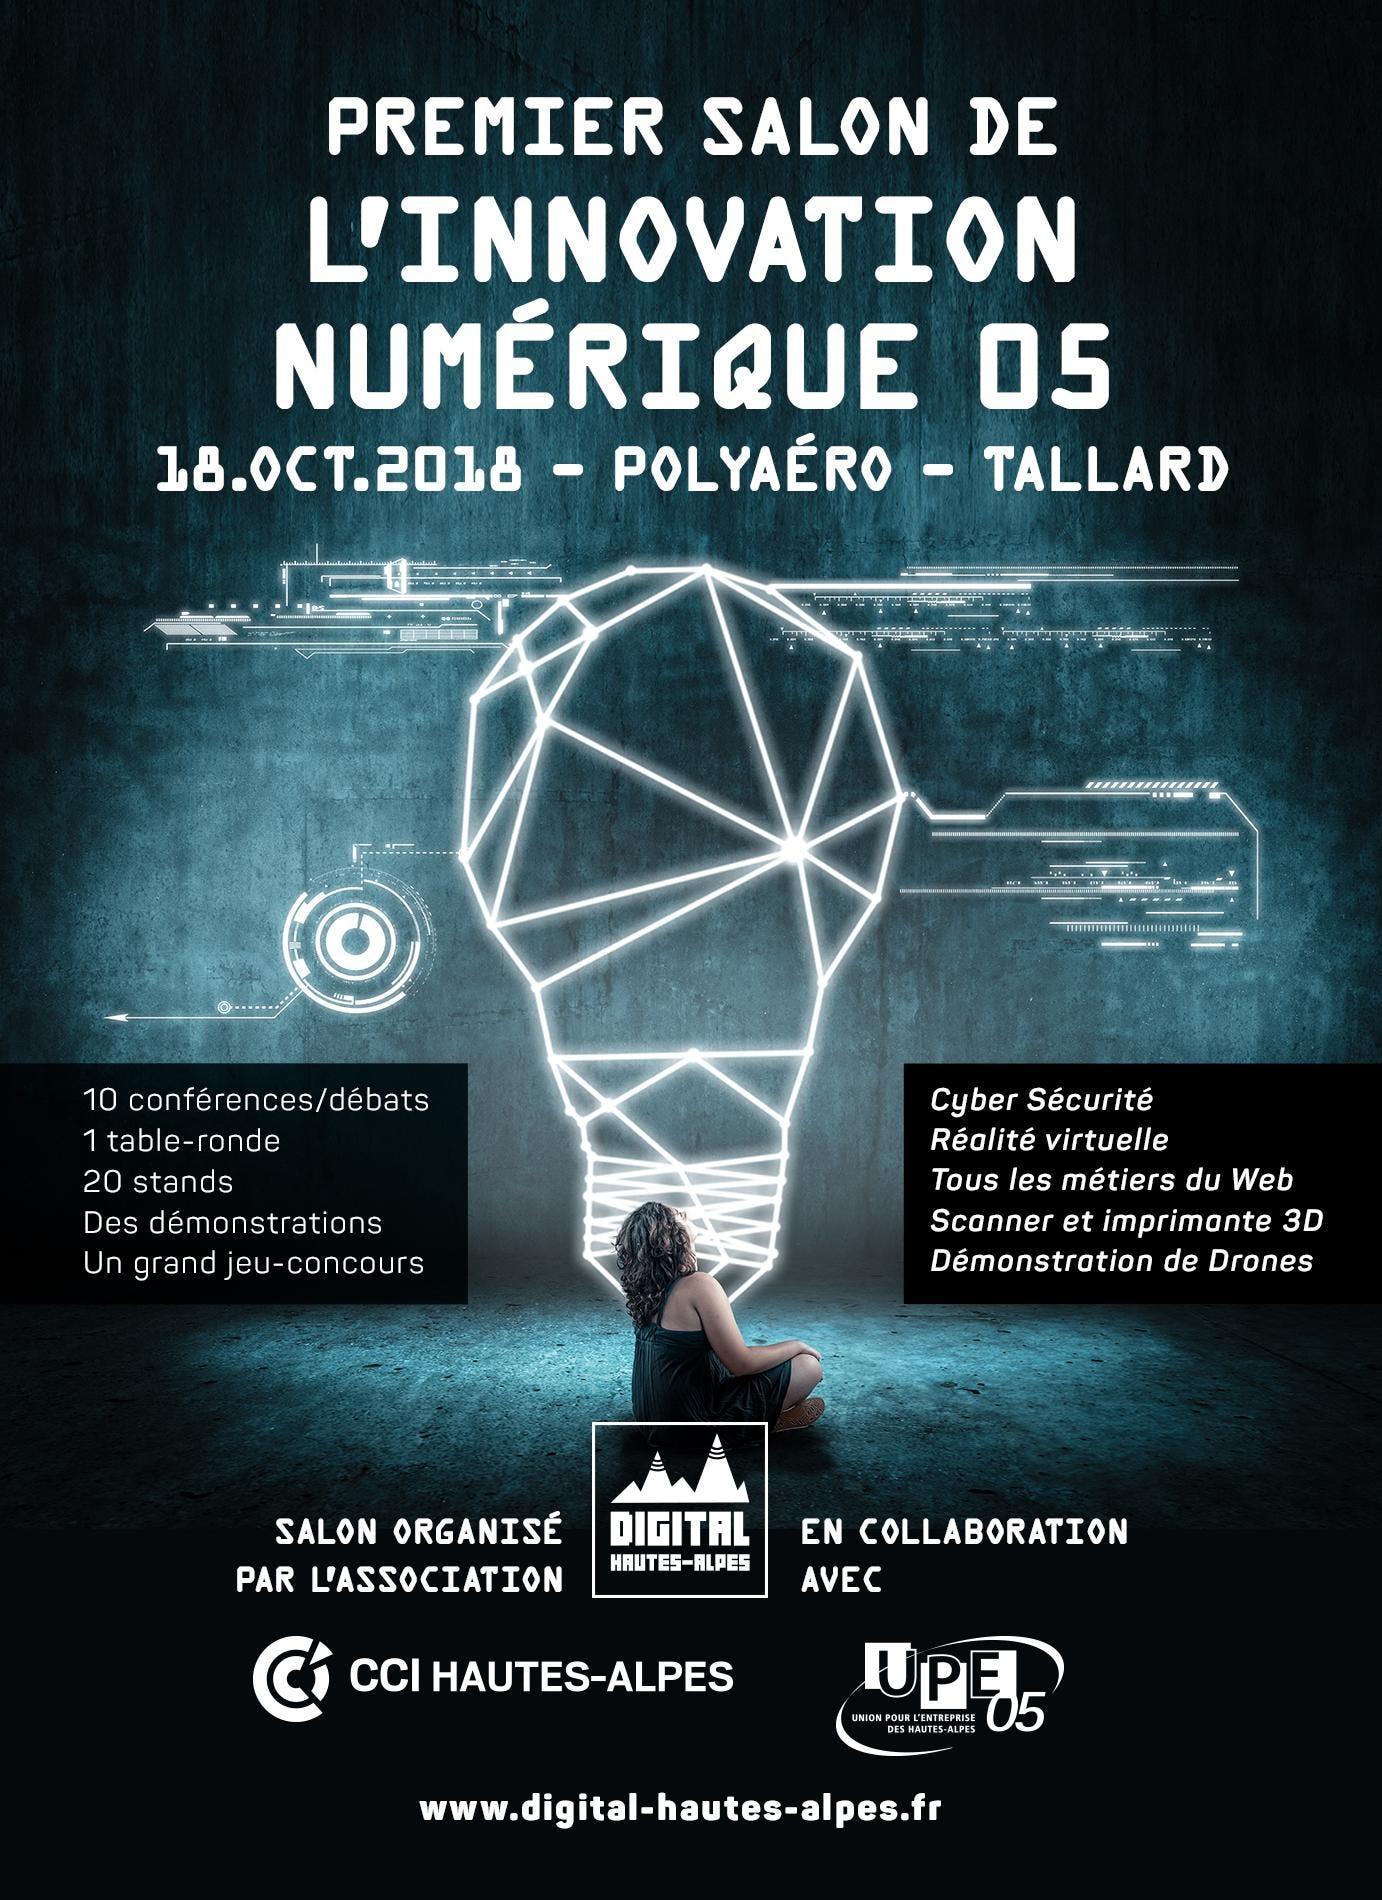 Salon de l'Innovation Numérique 05